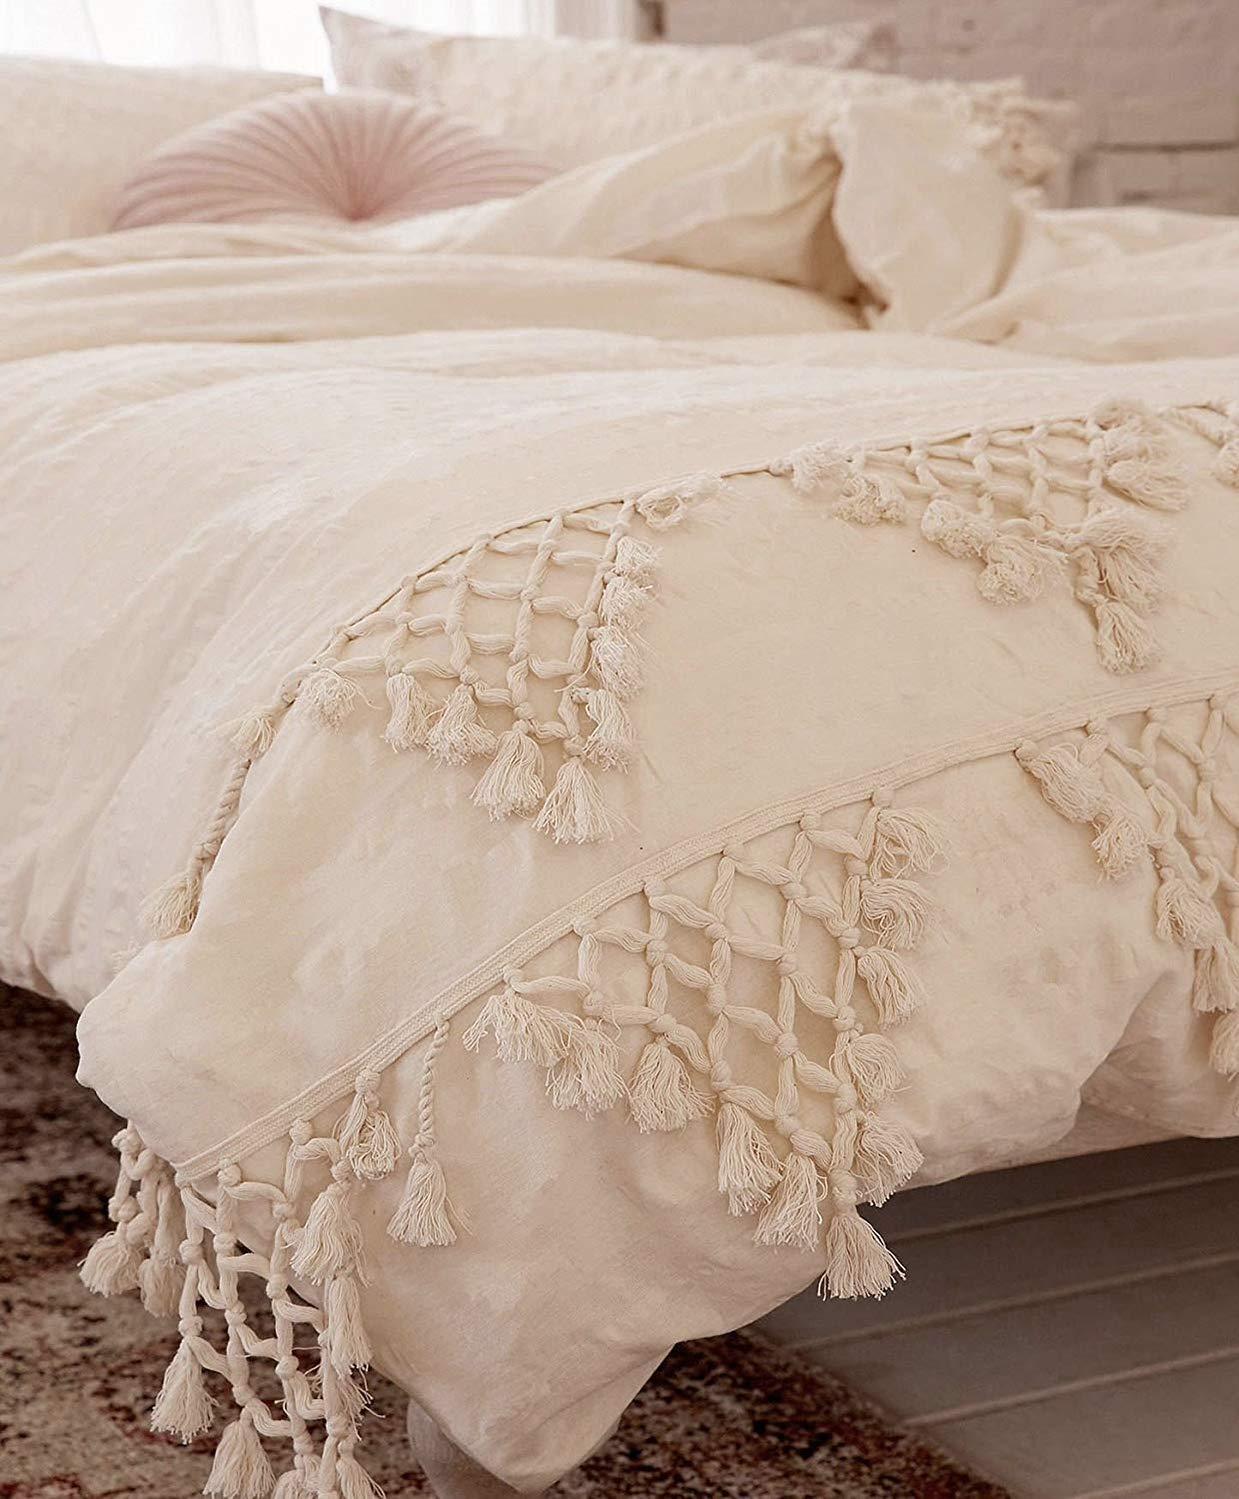 Flber Ivory Duvet Cover Boho Cotton Tassel Bedspreads Comforter Quilt Cover Full Queen,86inx90in